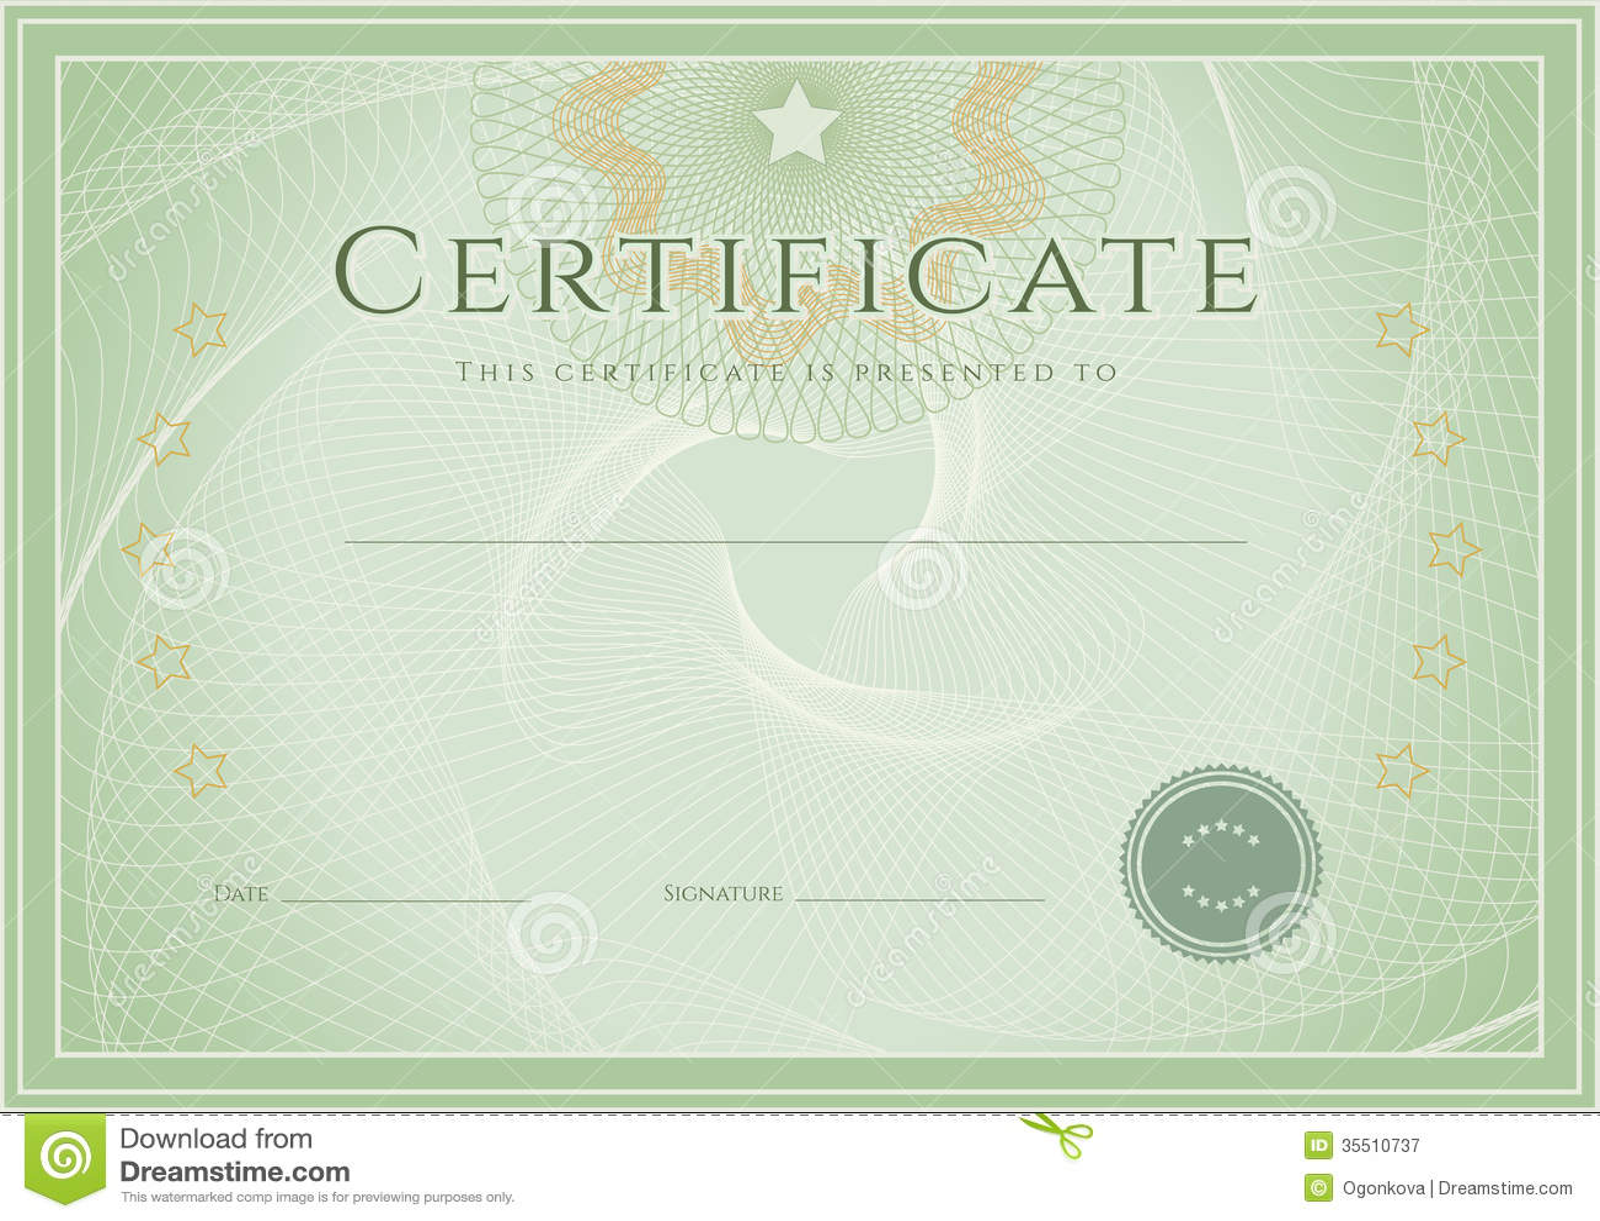 Certificate award 18613247jpg certificate of 12 volt deep well certificate award 18613247jpg certificate of achievement template word certificaat het malplaatje van de diplomatoekenning grunge patte xflitez Image collections